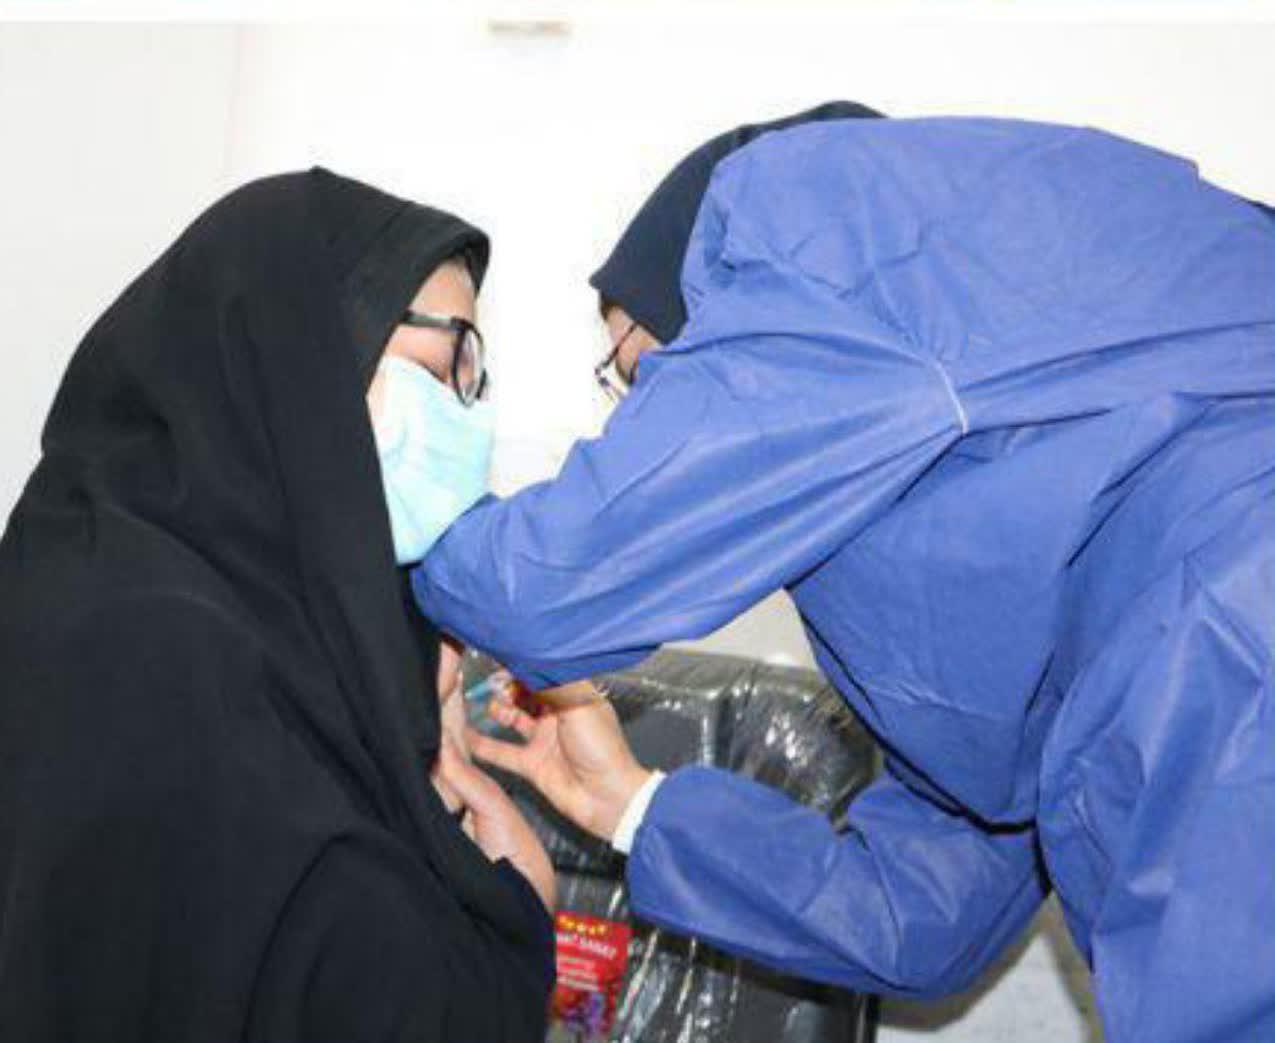 مرحله دوم واکسیناسیون کرونا در اسفراین انجام شد